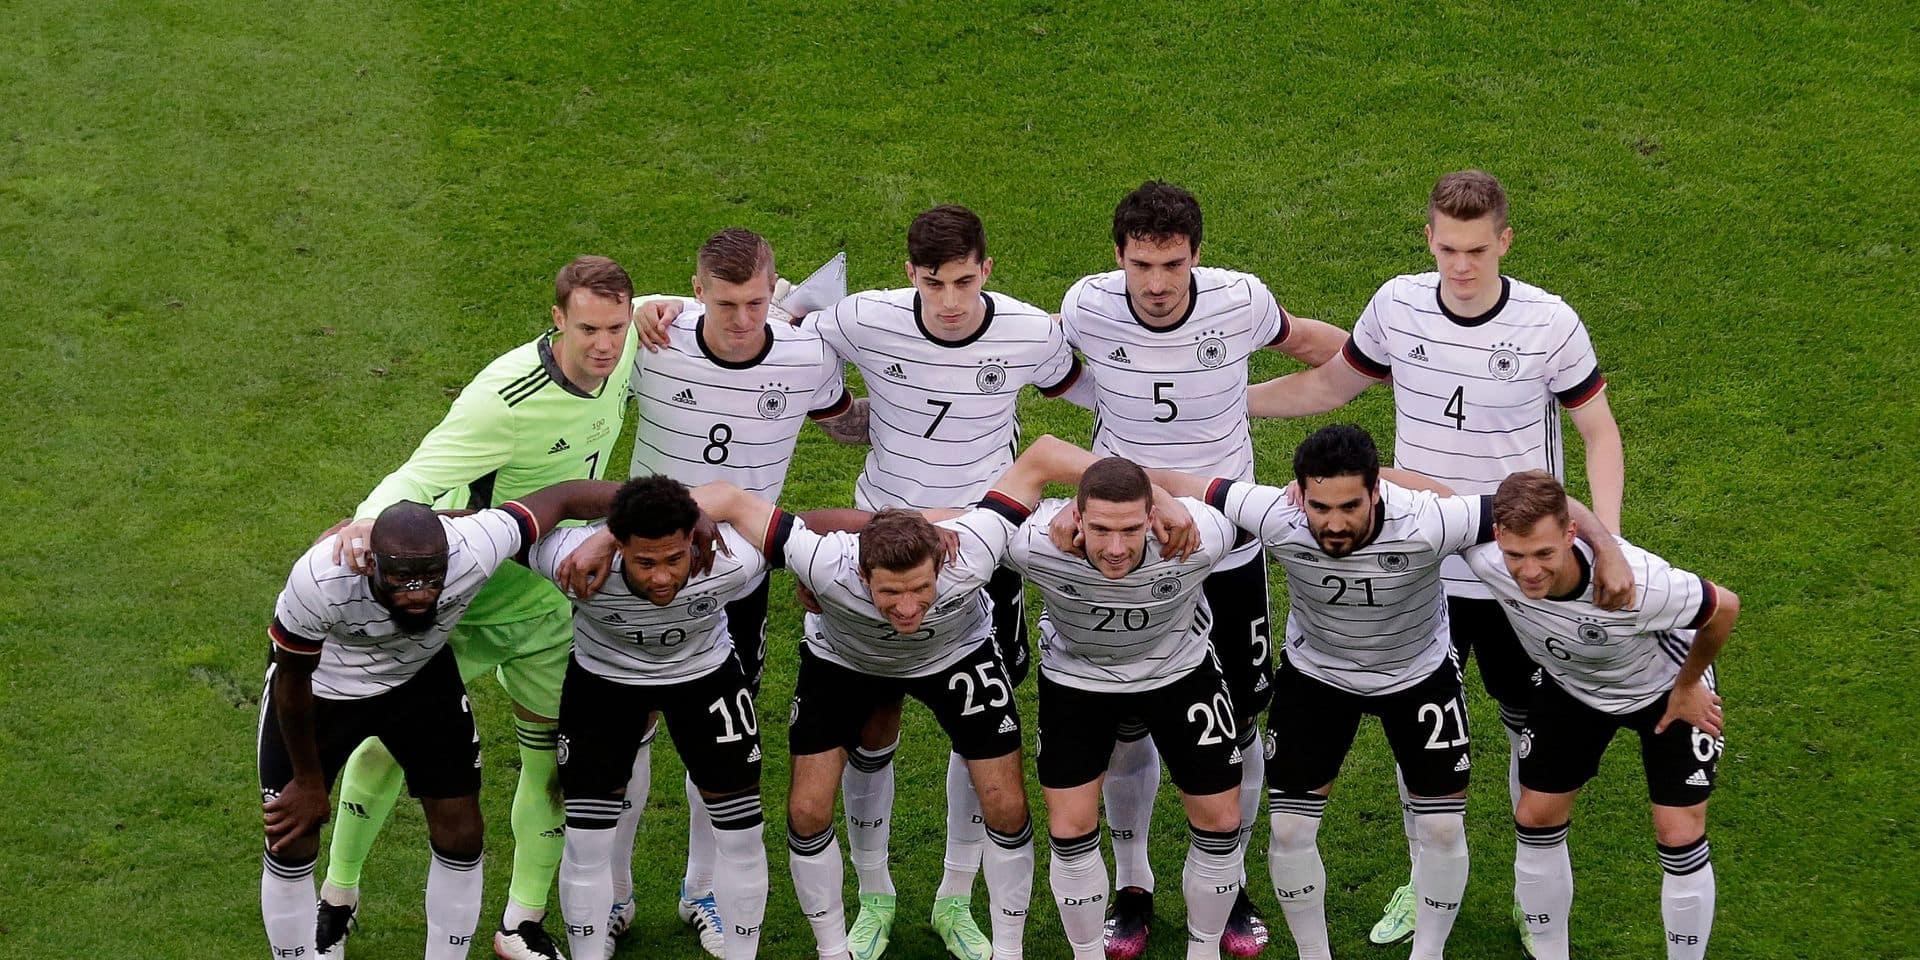 L'équipe allemande, prête pour le Championnat d'Europé de football.